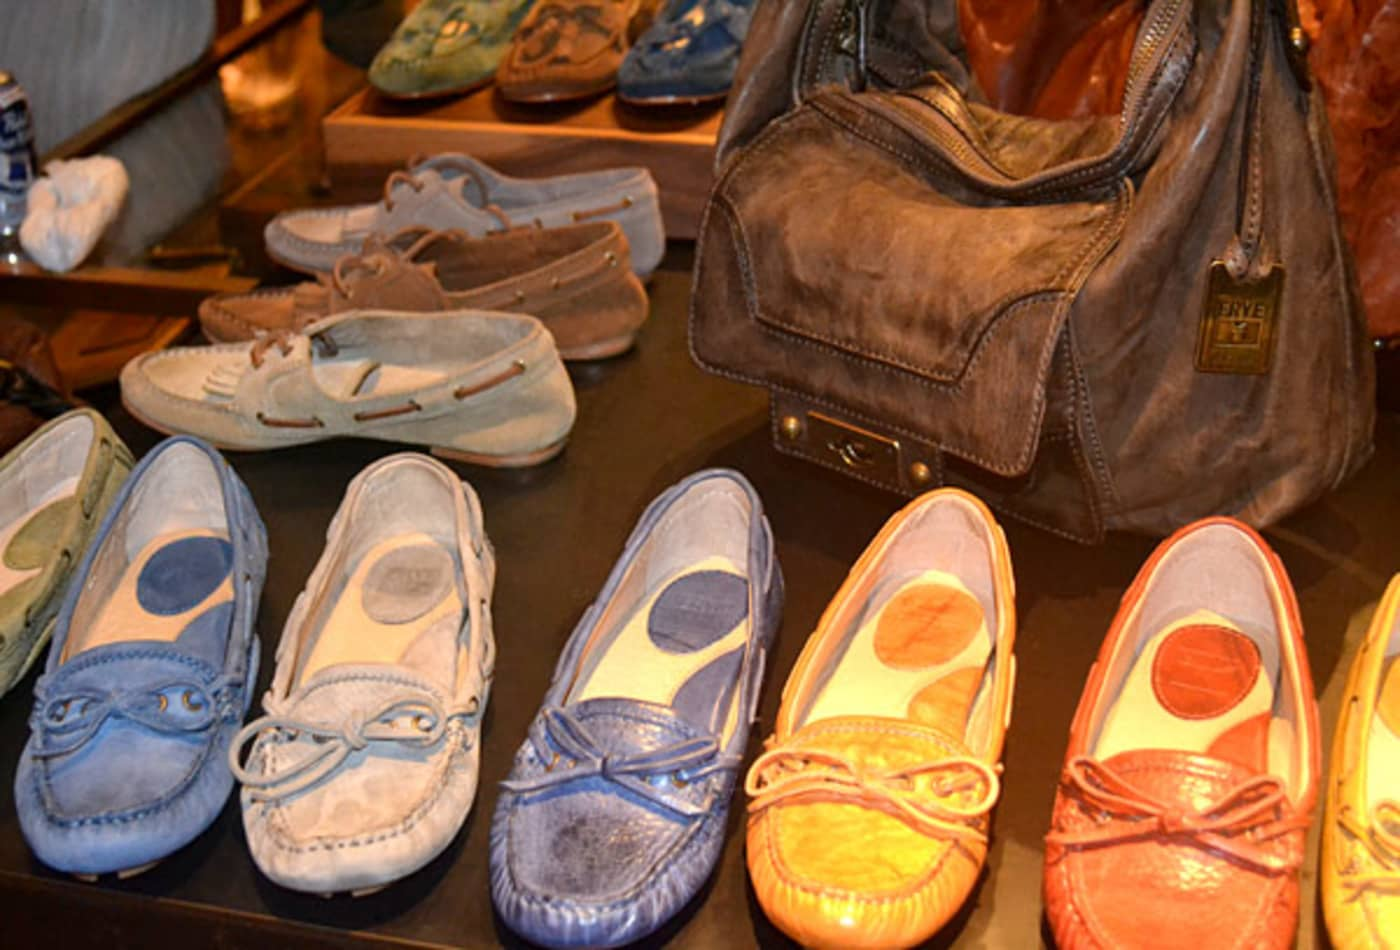 CNBC_NYC_fashion_week_2011_FNO6.jpg